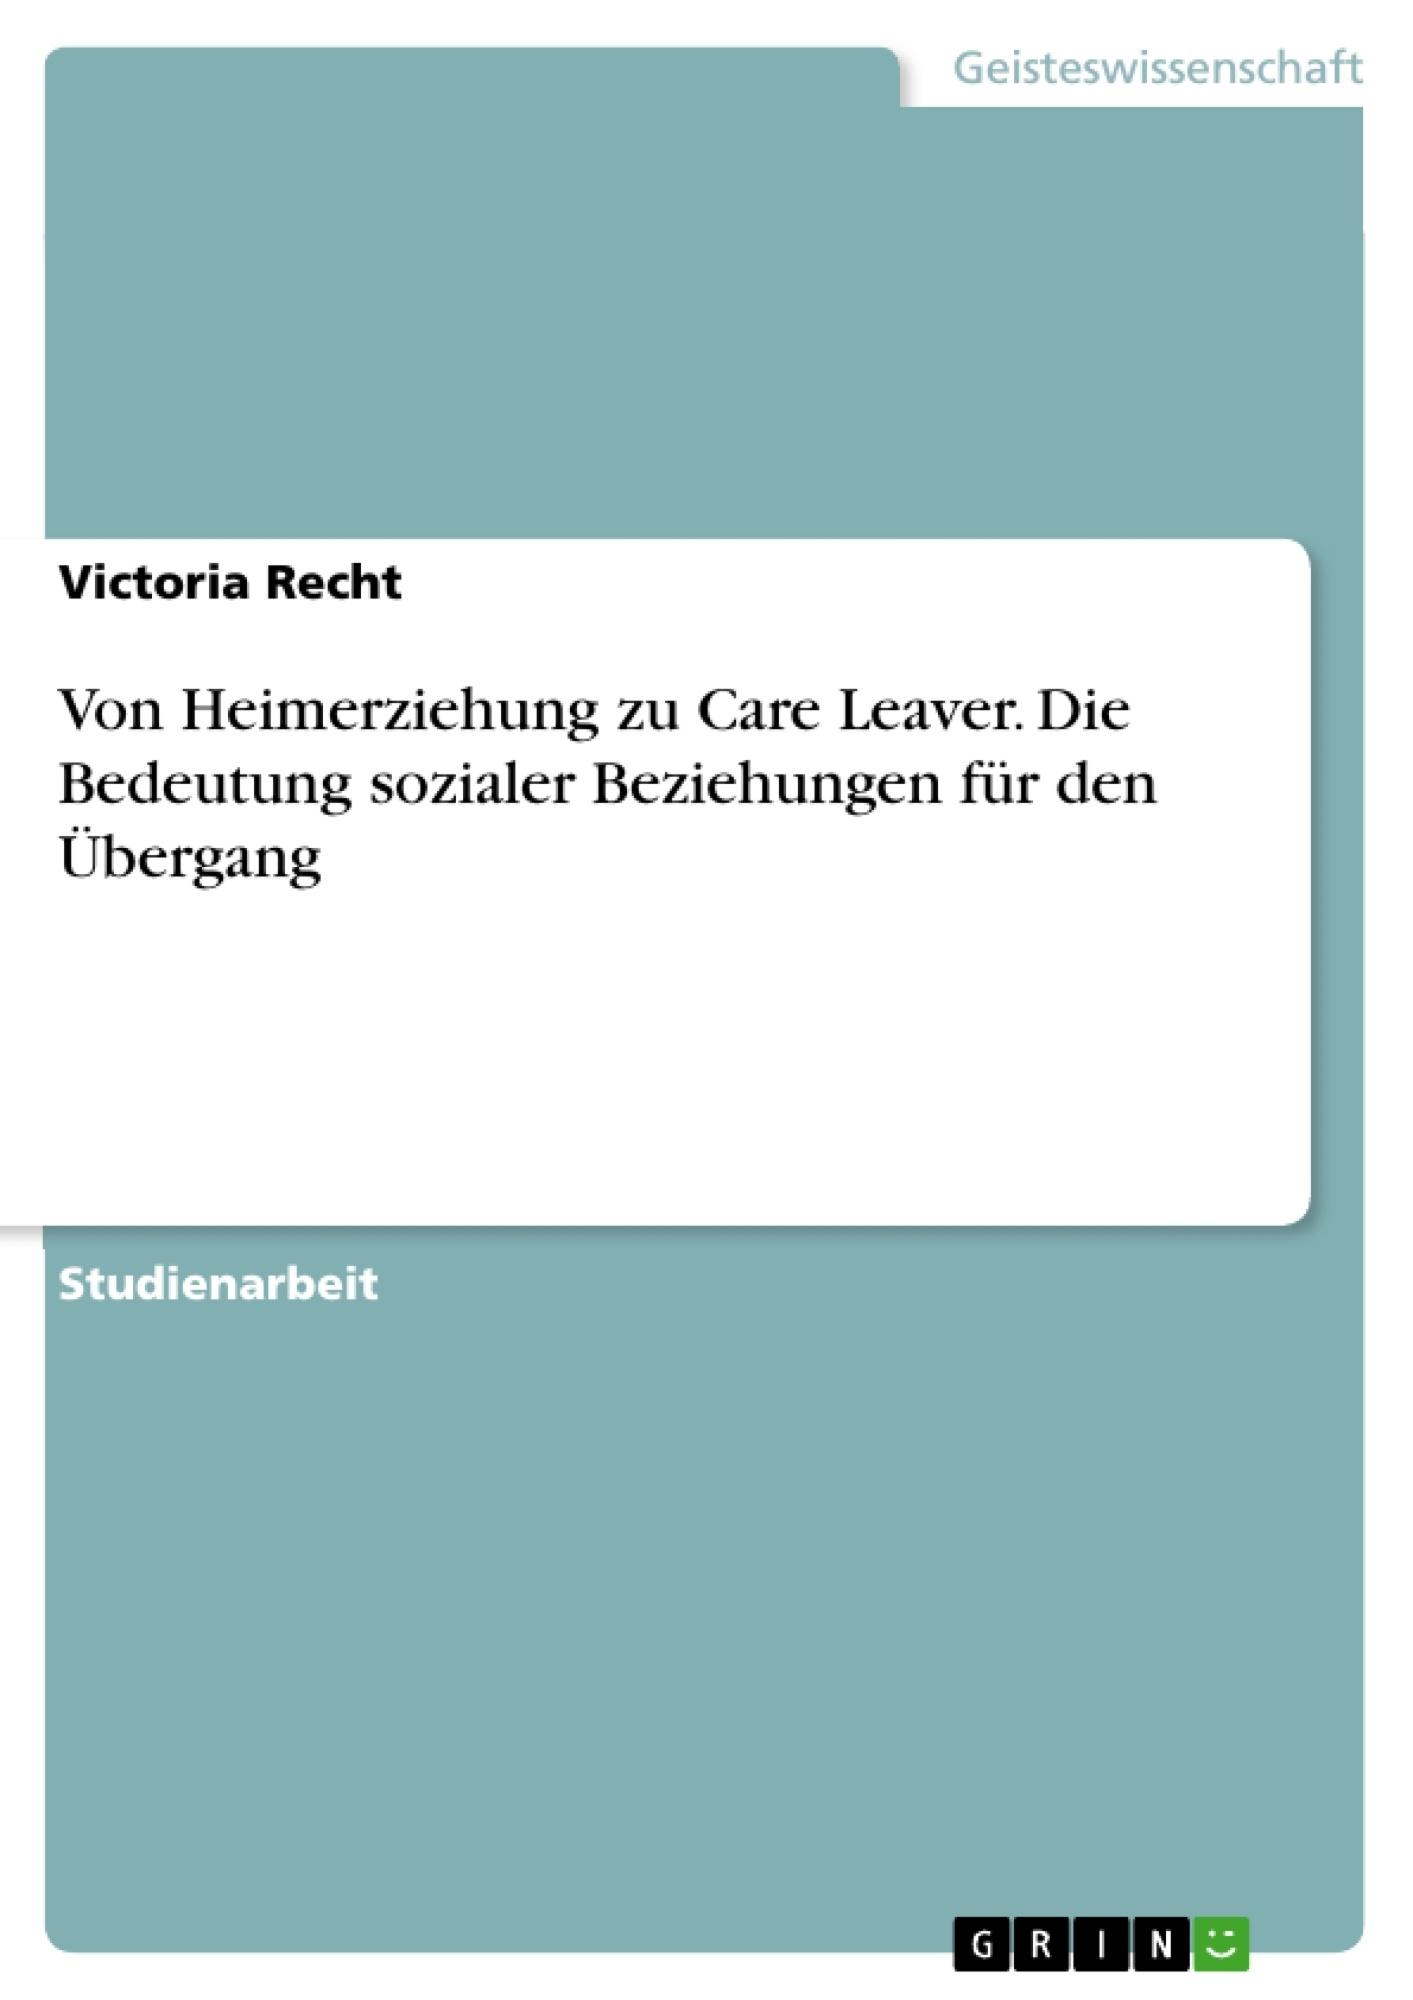 Titel: Von Heimerziehung zu Care Leaver. Die Bedeutung sozialer Beziehungen für den Übergang